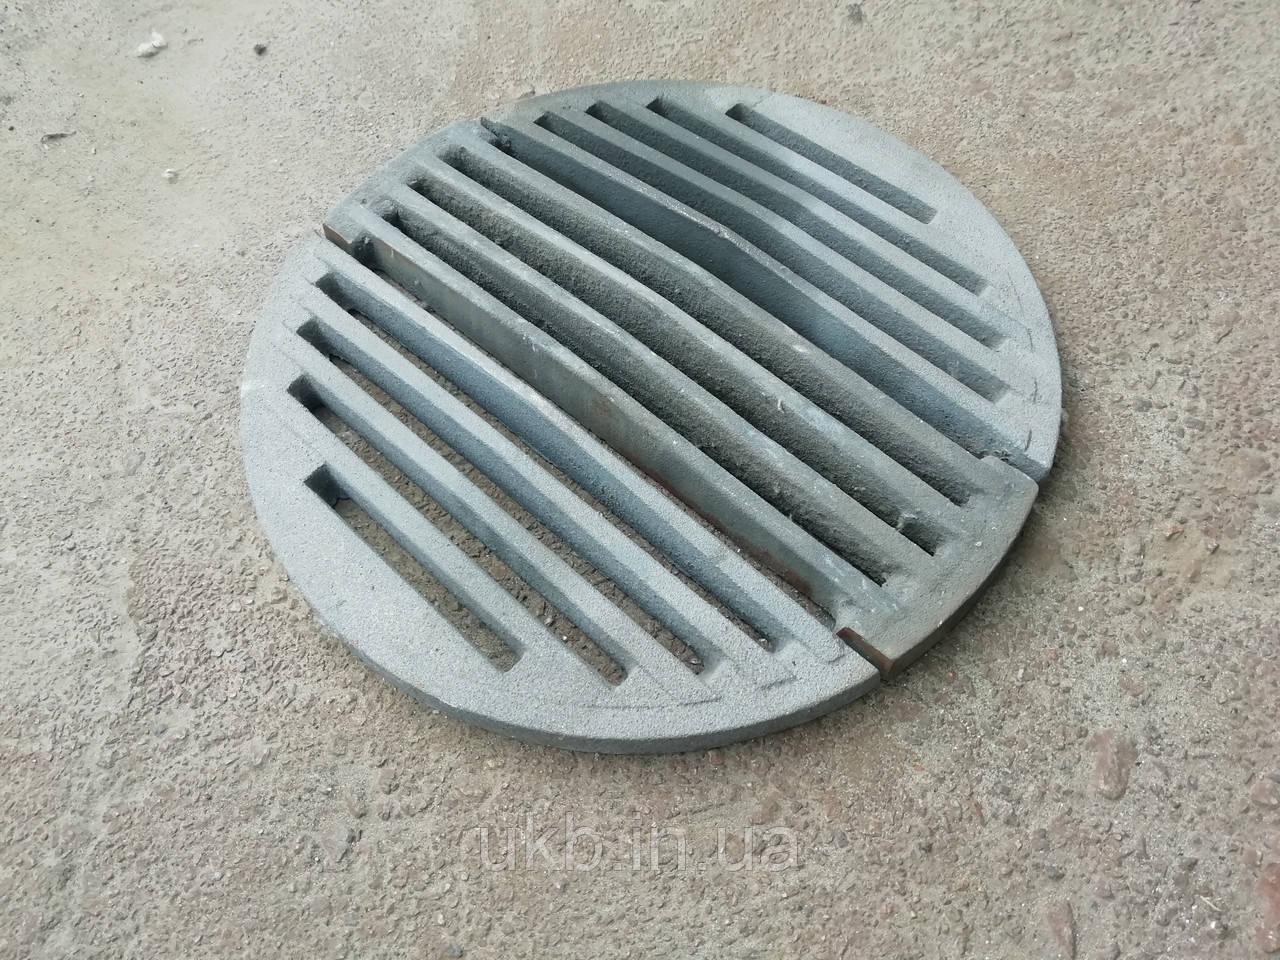 Чавунний Колосник діаметр 460 мм (22кг) /чавунний Колосник діаметр 460мм (22кг)